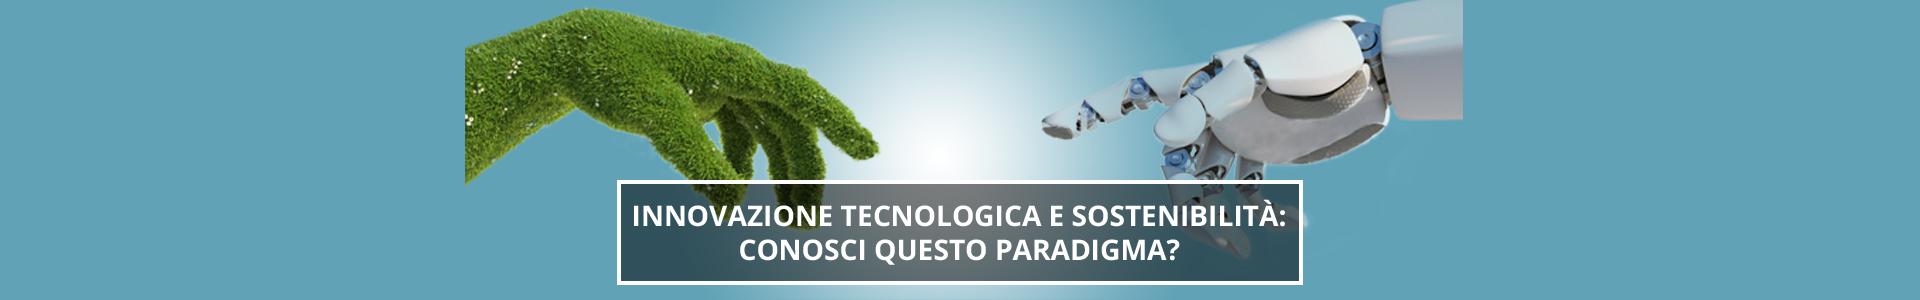 Innovazione tecnologica e sostenibilità - Aperiam